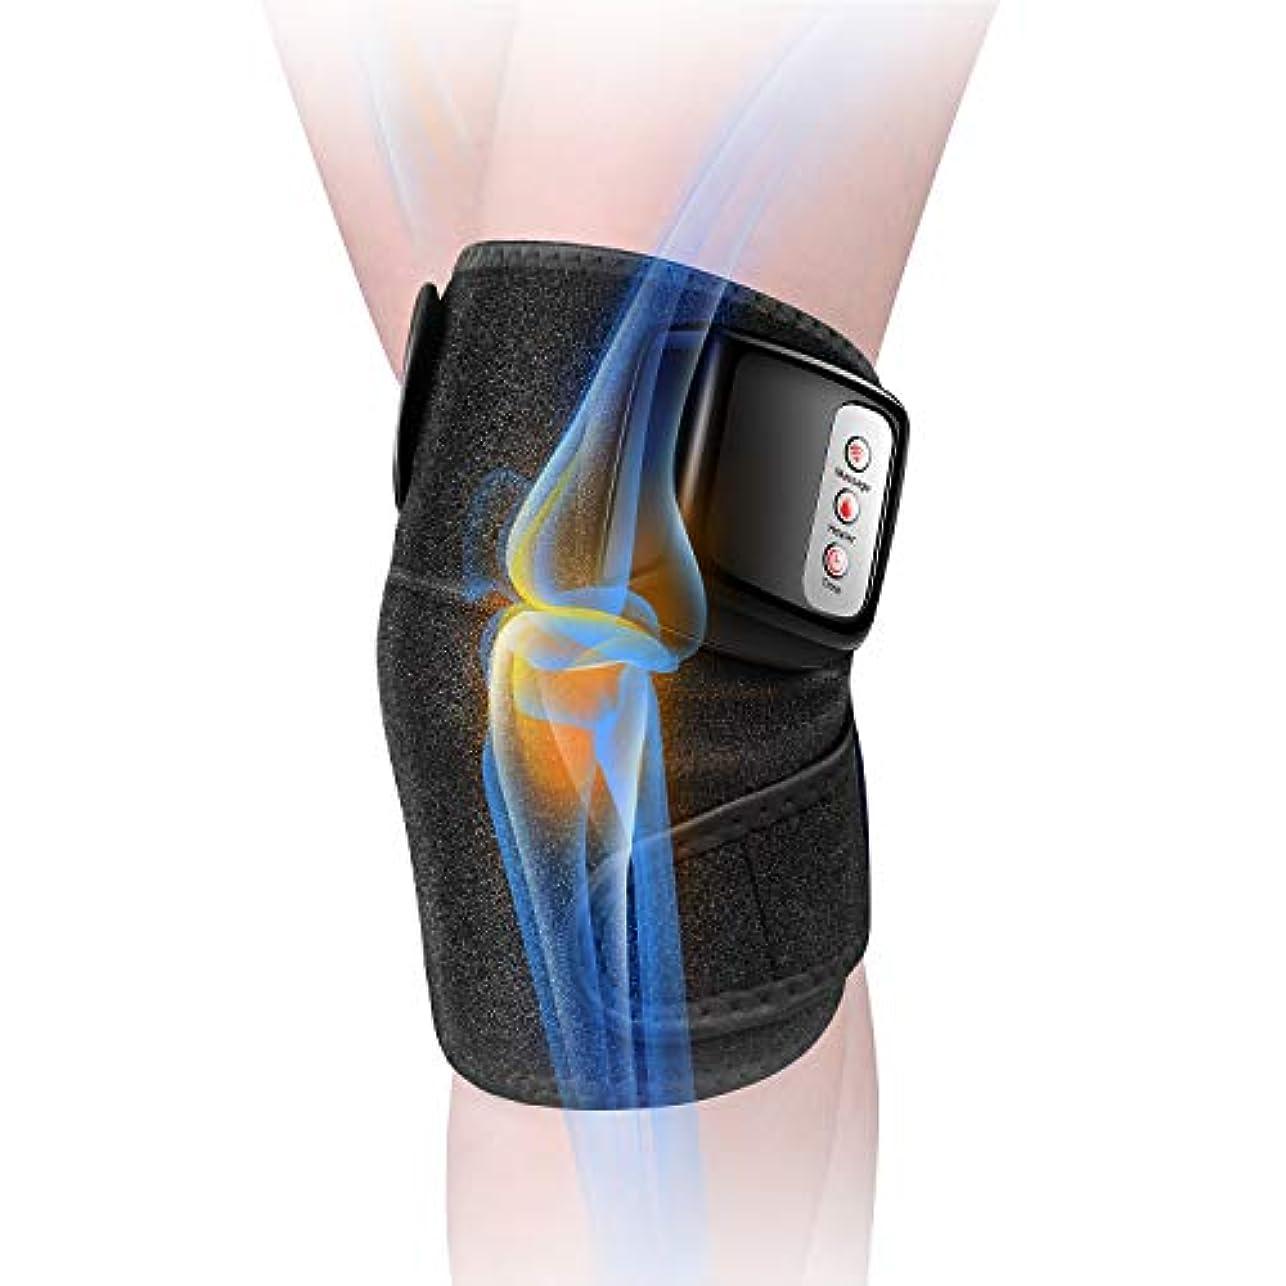 炎上タイプ置換膝マッサージャー 関節マッサージャー マッサージ器 フットマッサージャー 振動 赤外線療法 温熱療法 膝サポーター ストレス解消 肩 太もも/腕対応